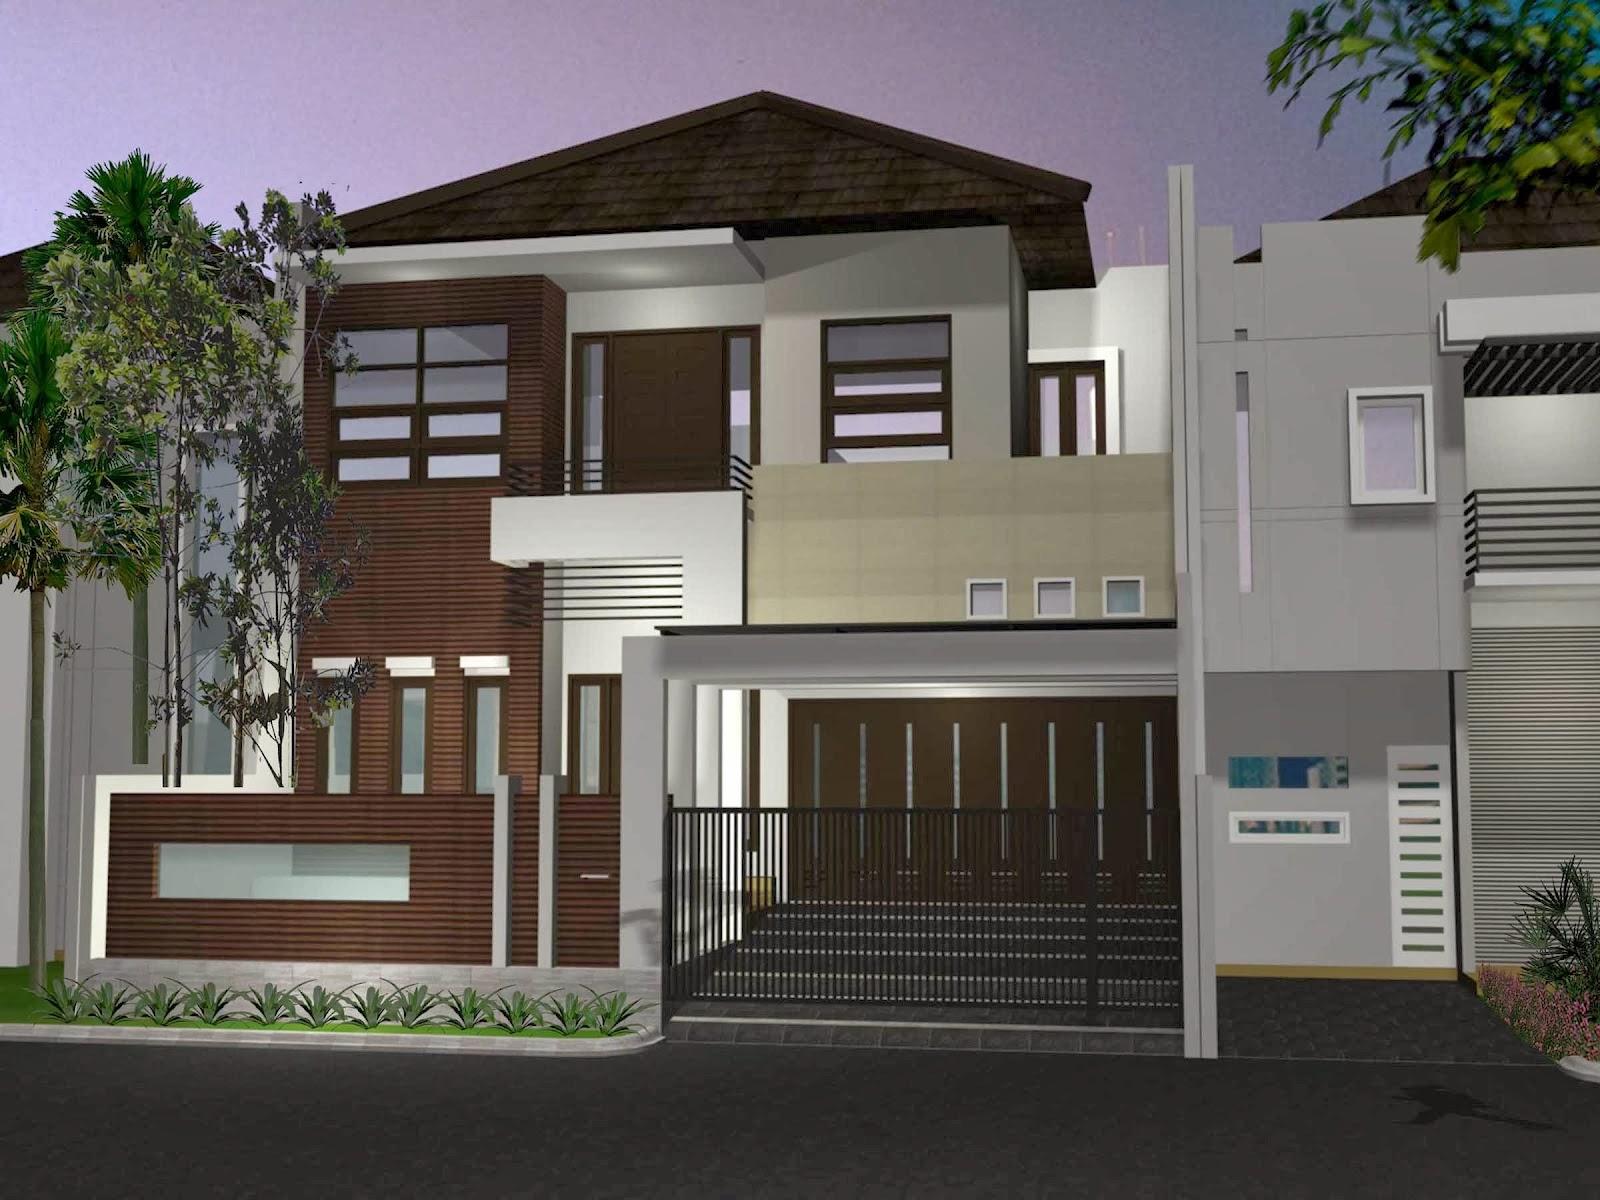 Design Rumah Minimalis Modern 2014 Top 15 Gambar Desain Rumah